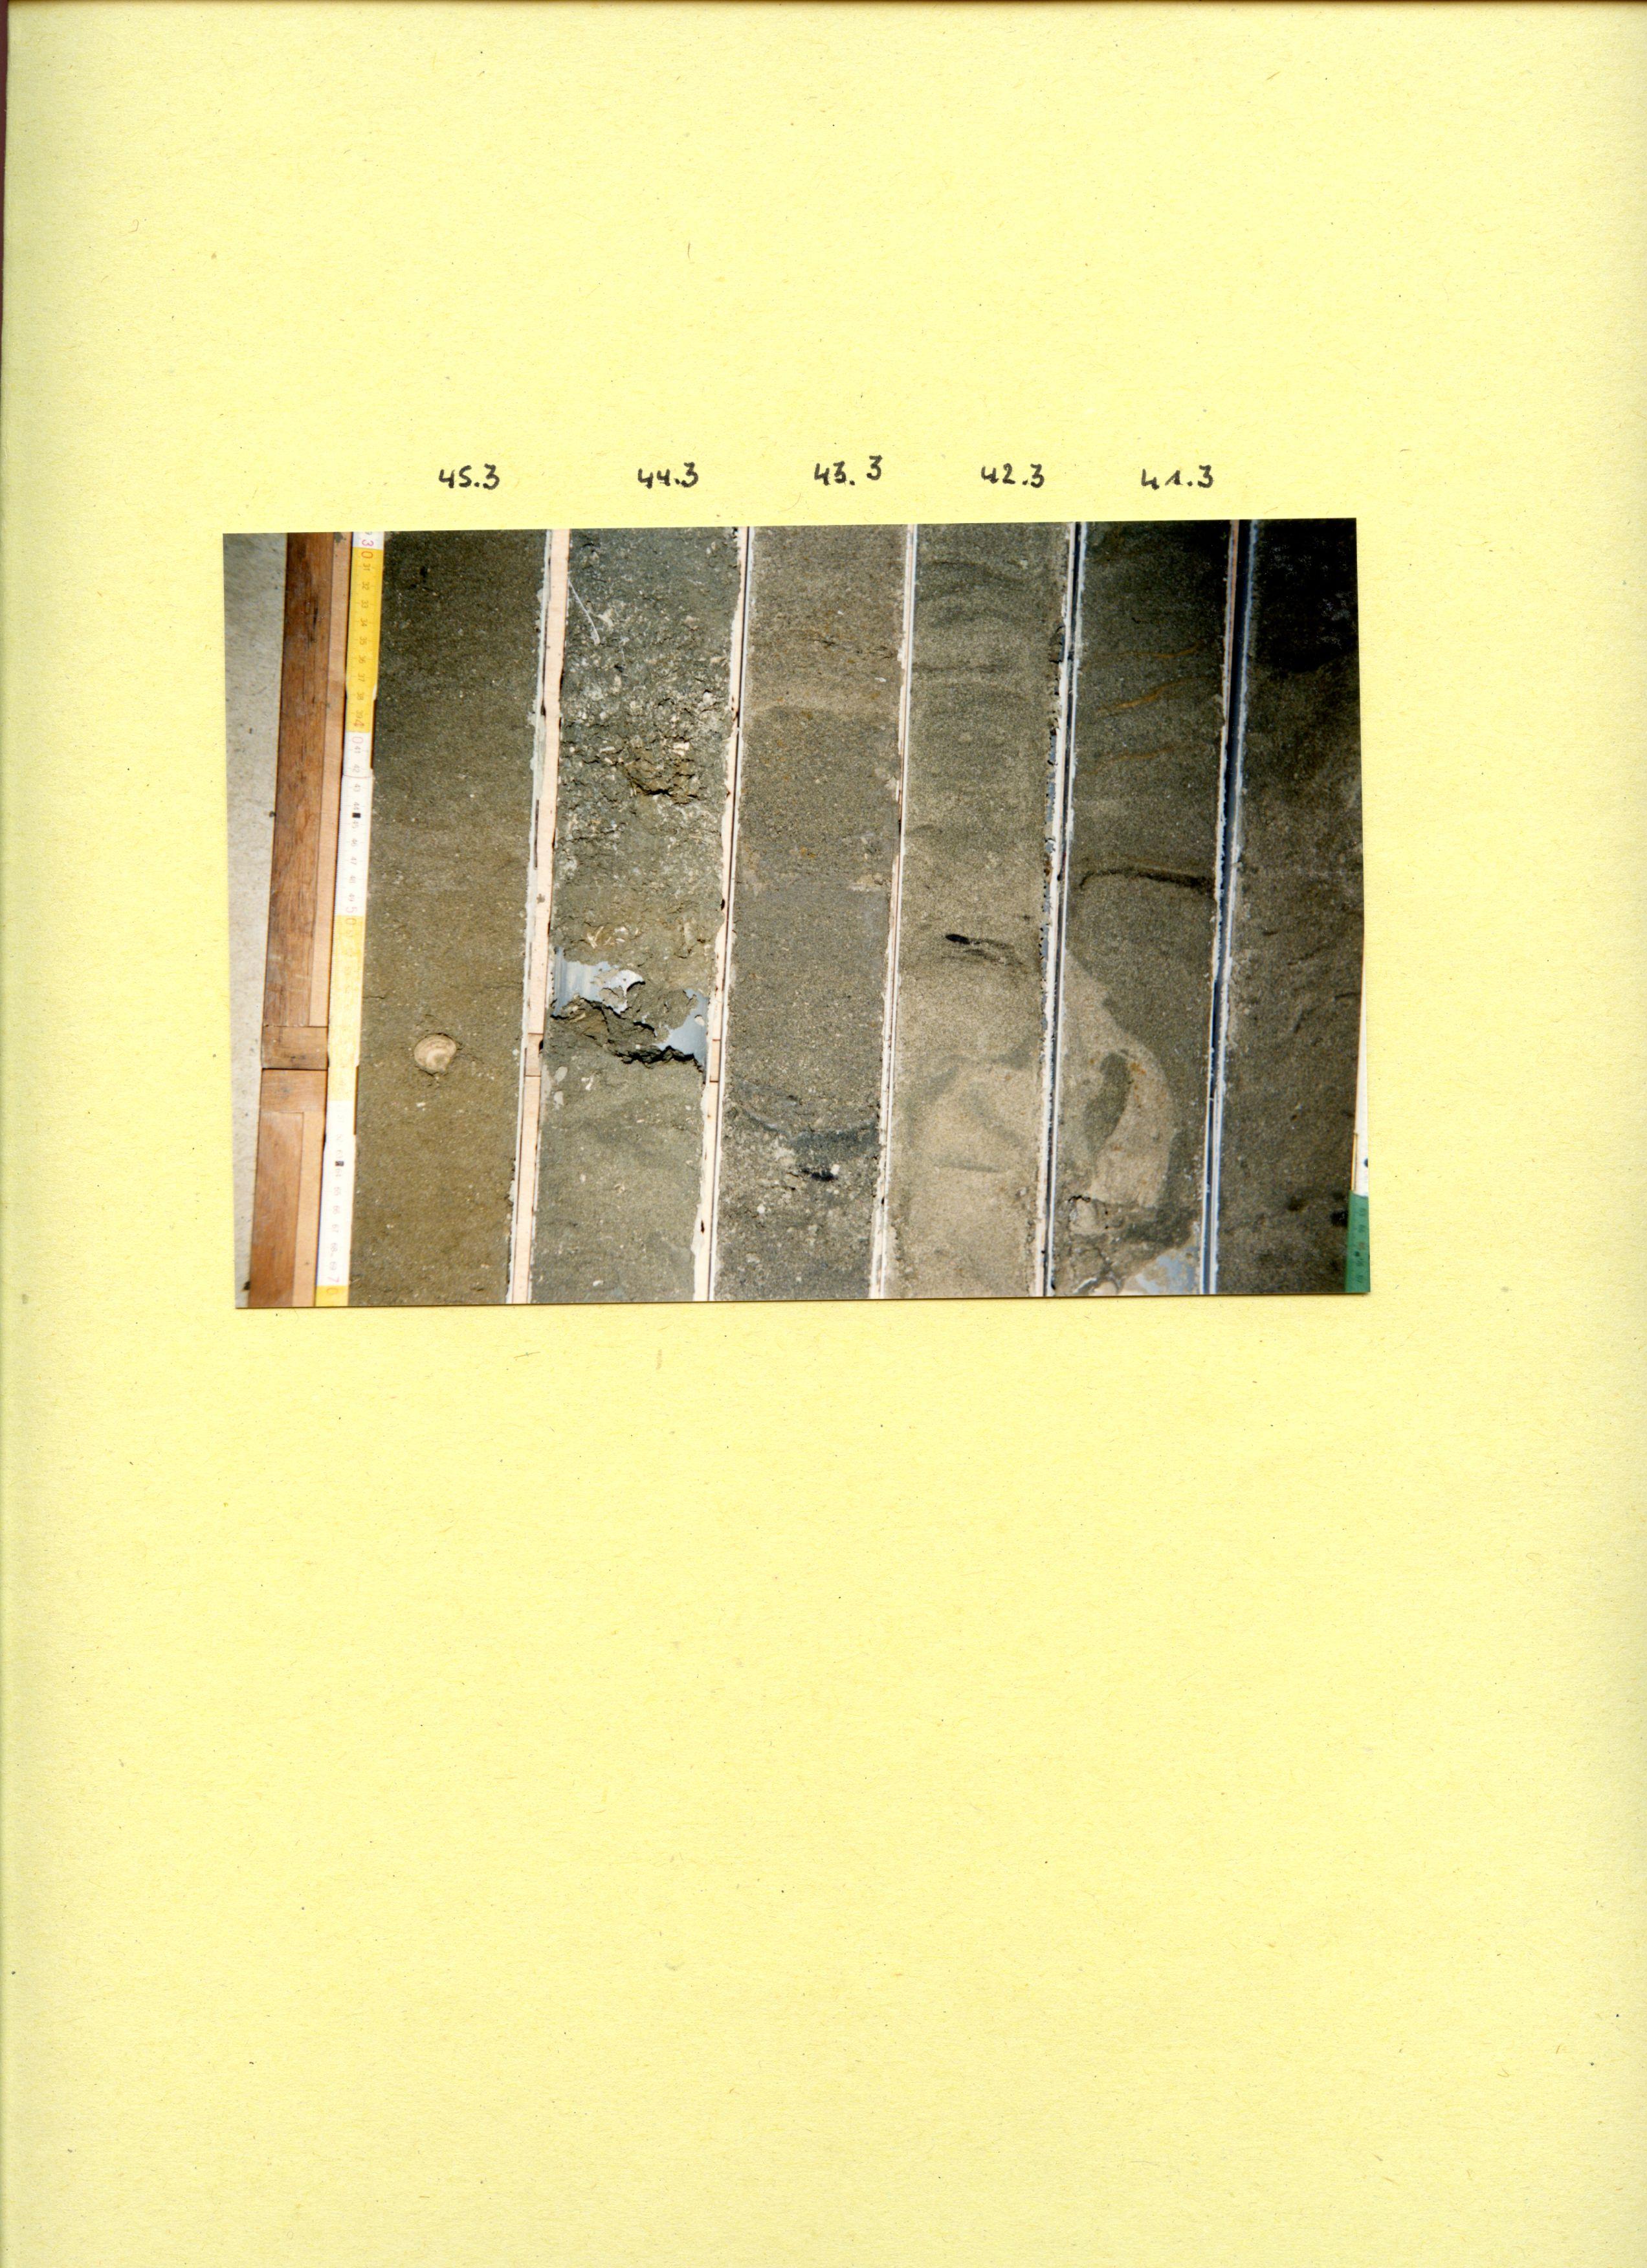 017e0344-nieuwe-bossen-nr-344-ii-c-turnhout-008.jpg